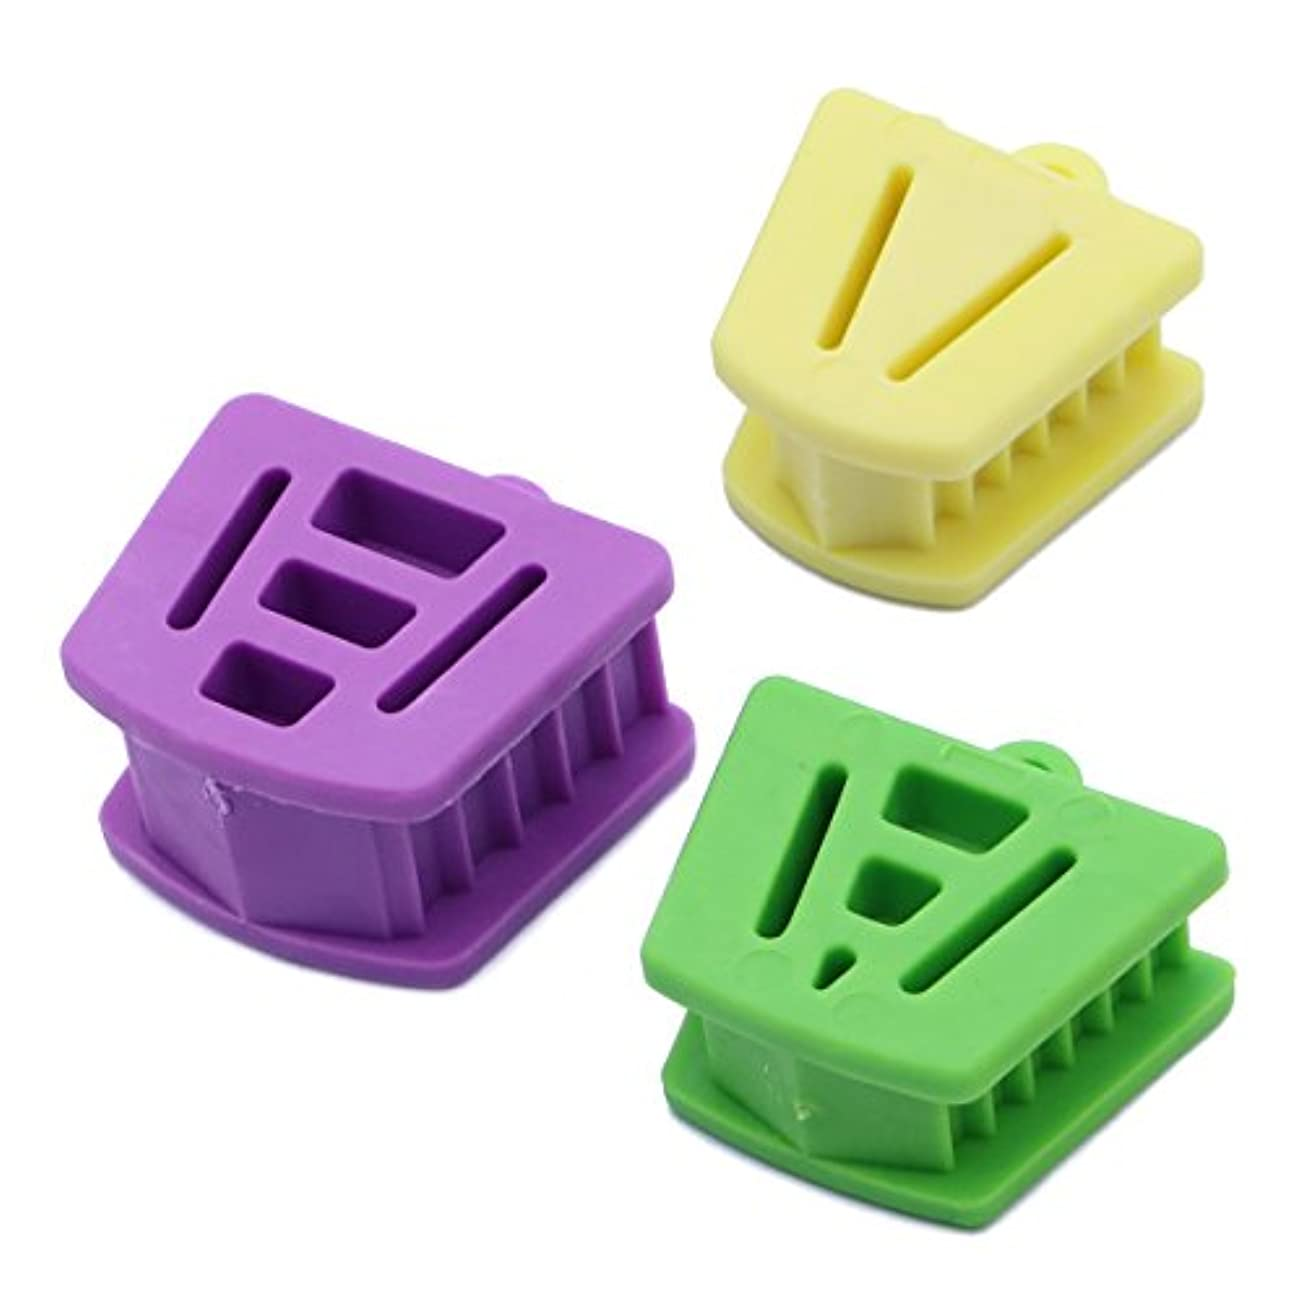 飽和する桃銀行Healifty 3個/パック口プロップバイトブロック歯科口腔内支持矯正用アクセサリー